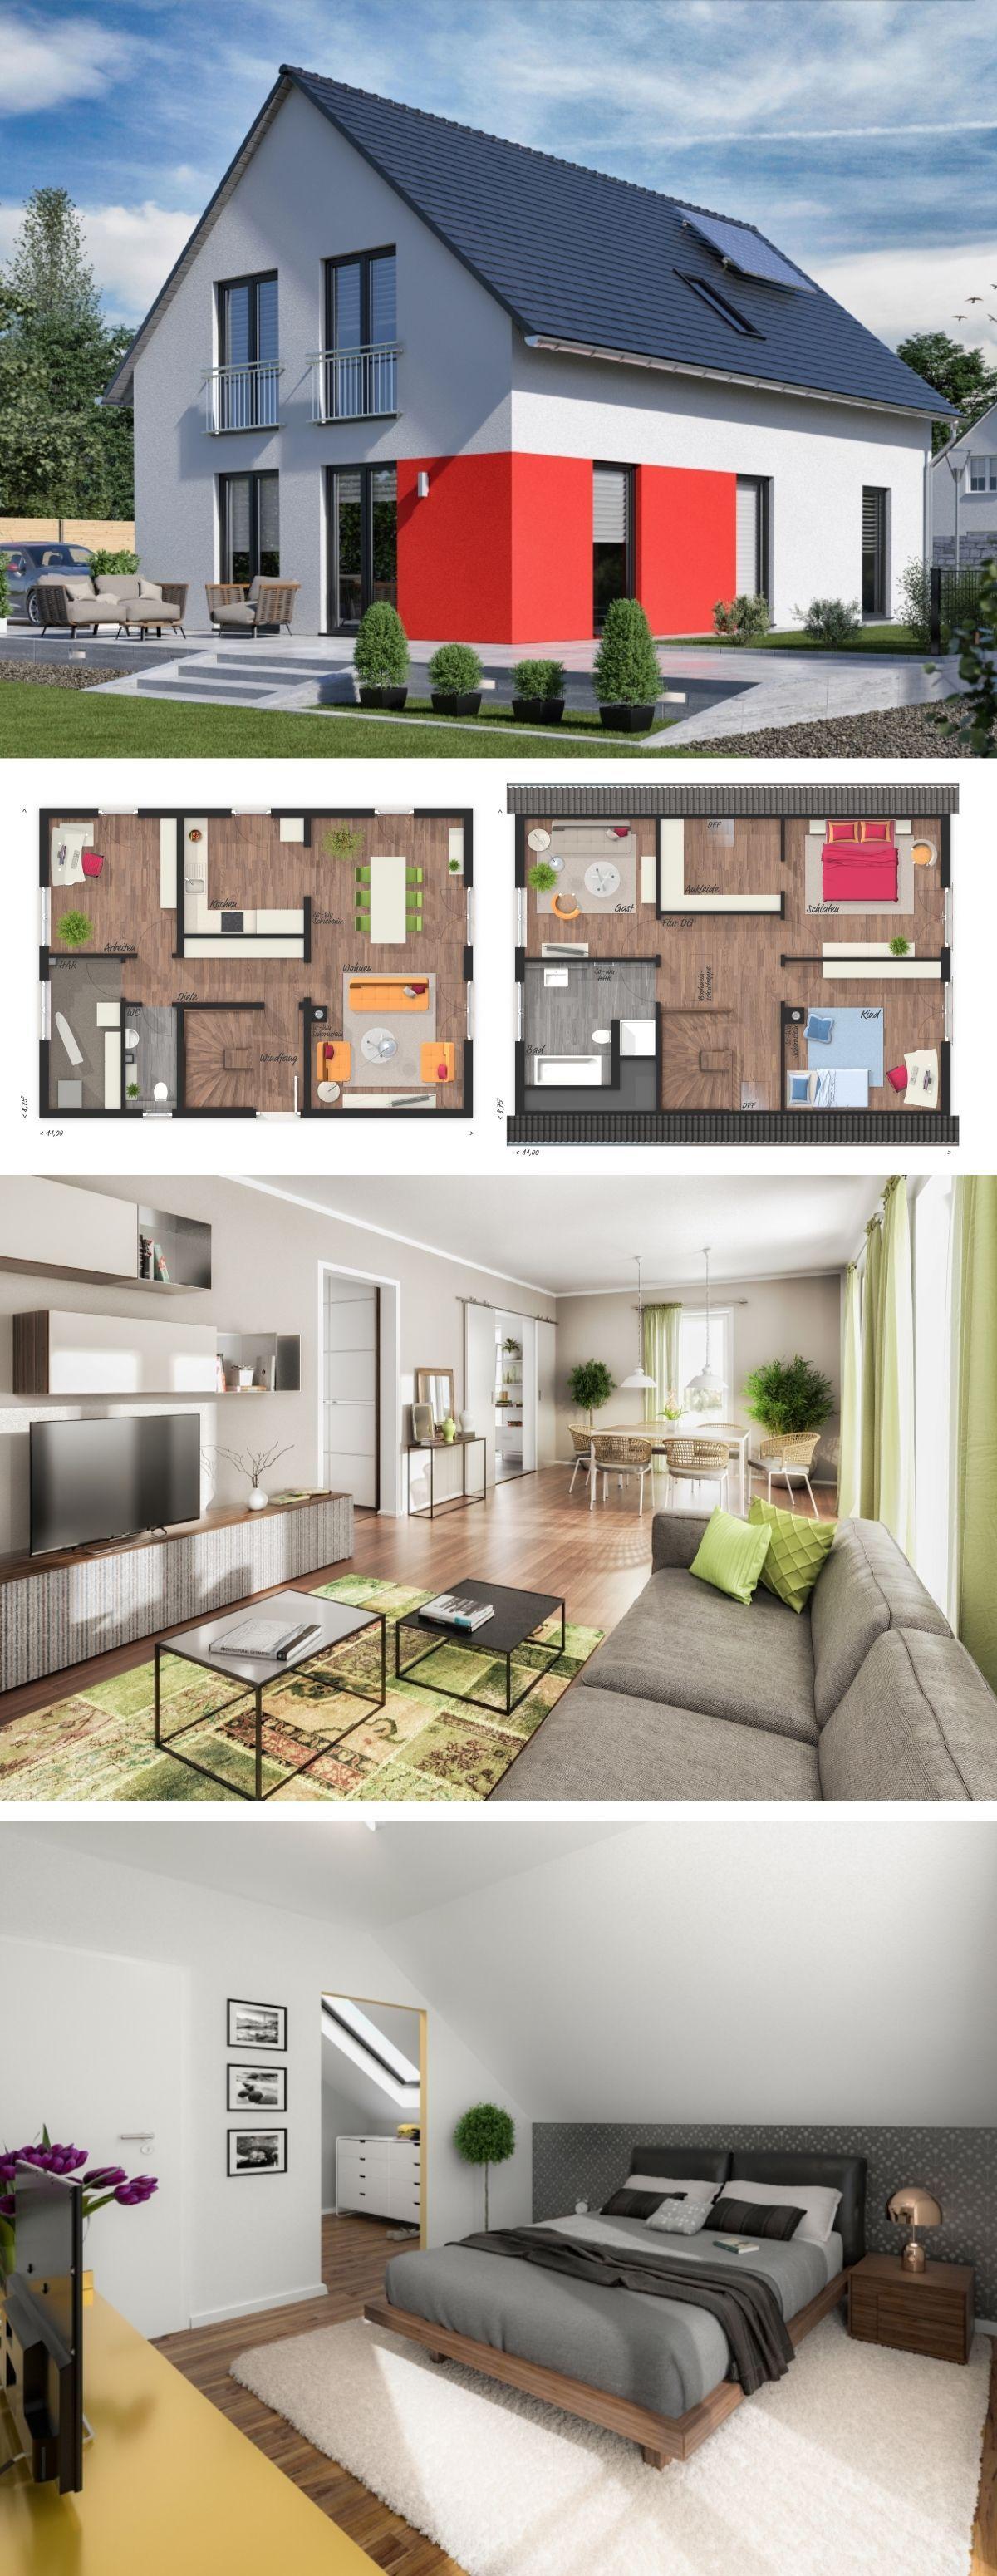 Modernes Haus Design klassisch mit Satteldach Architektur & Fassade ...